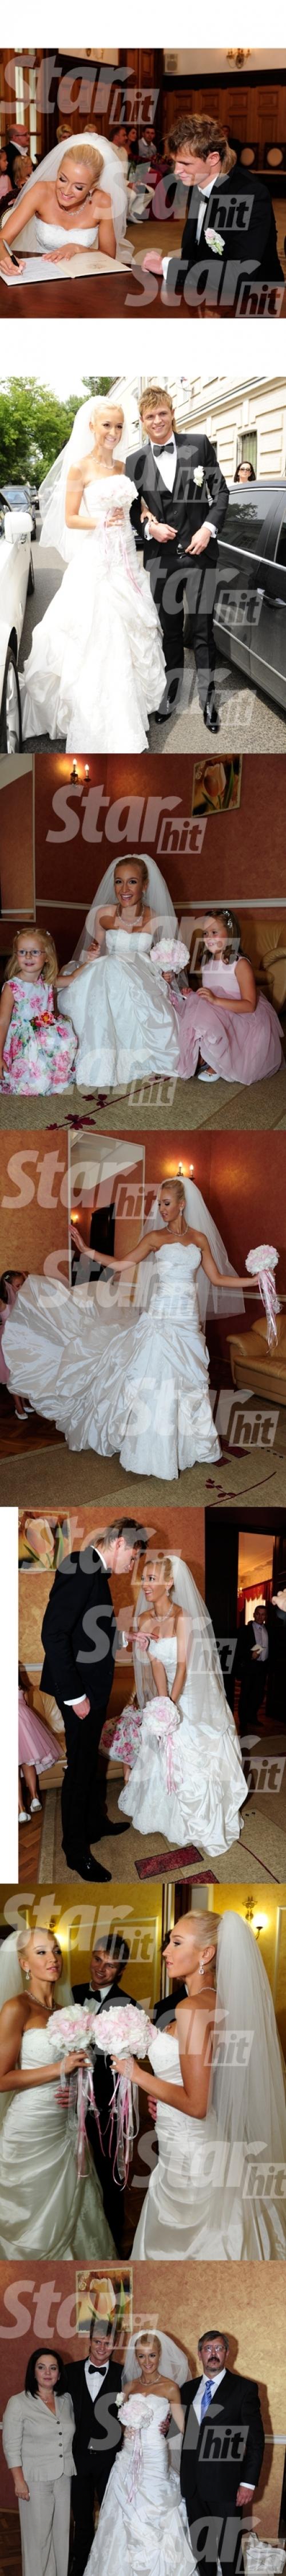 282Виолетта все свадьбы